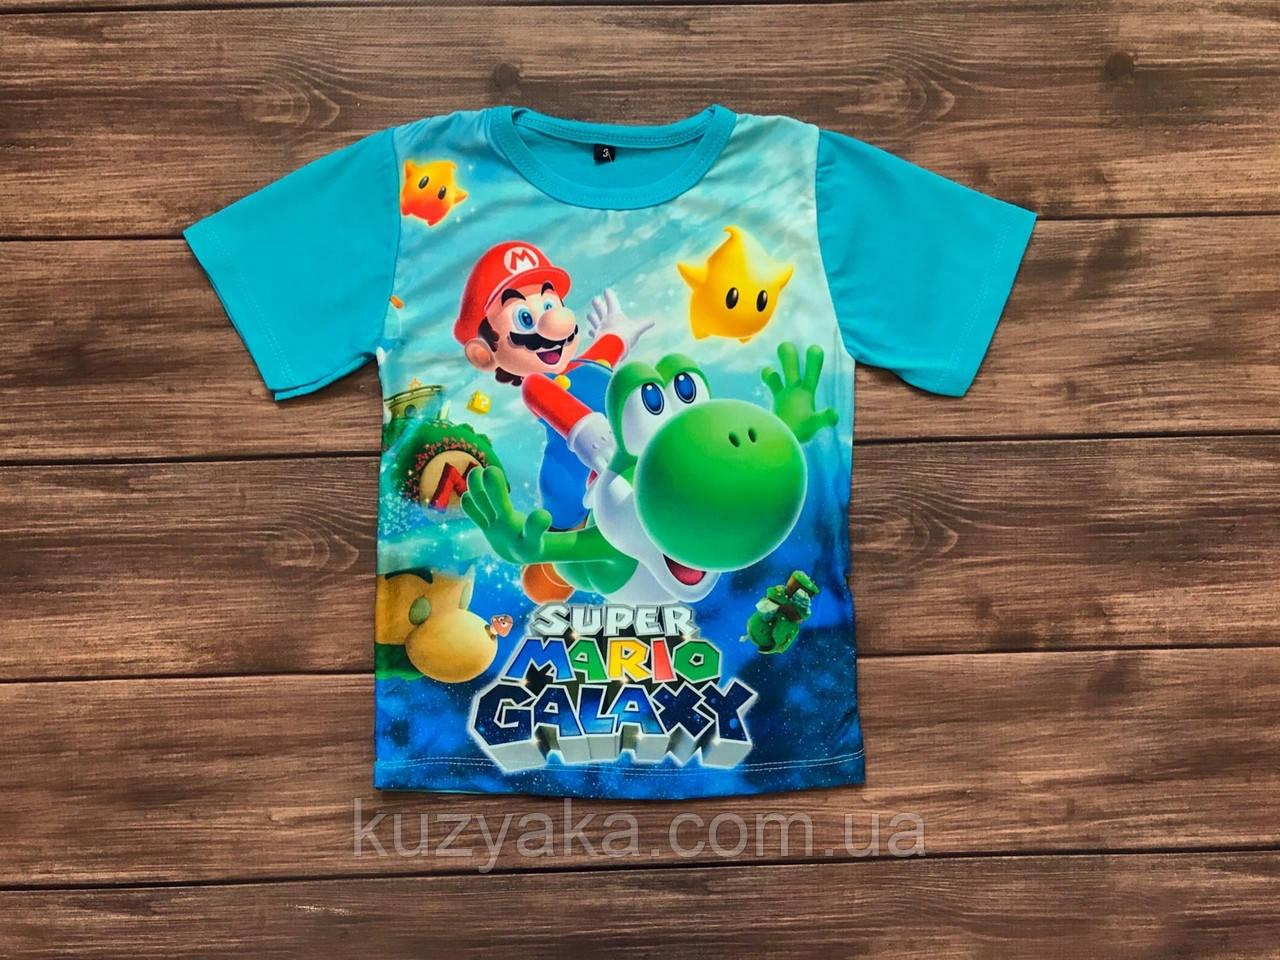 Дитяча футболка для хлопчика Супер Маріо на 1-10 років